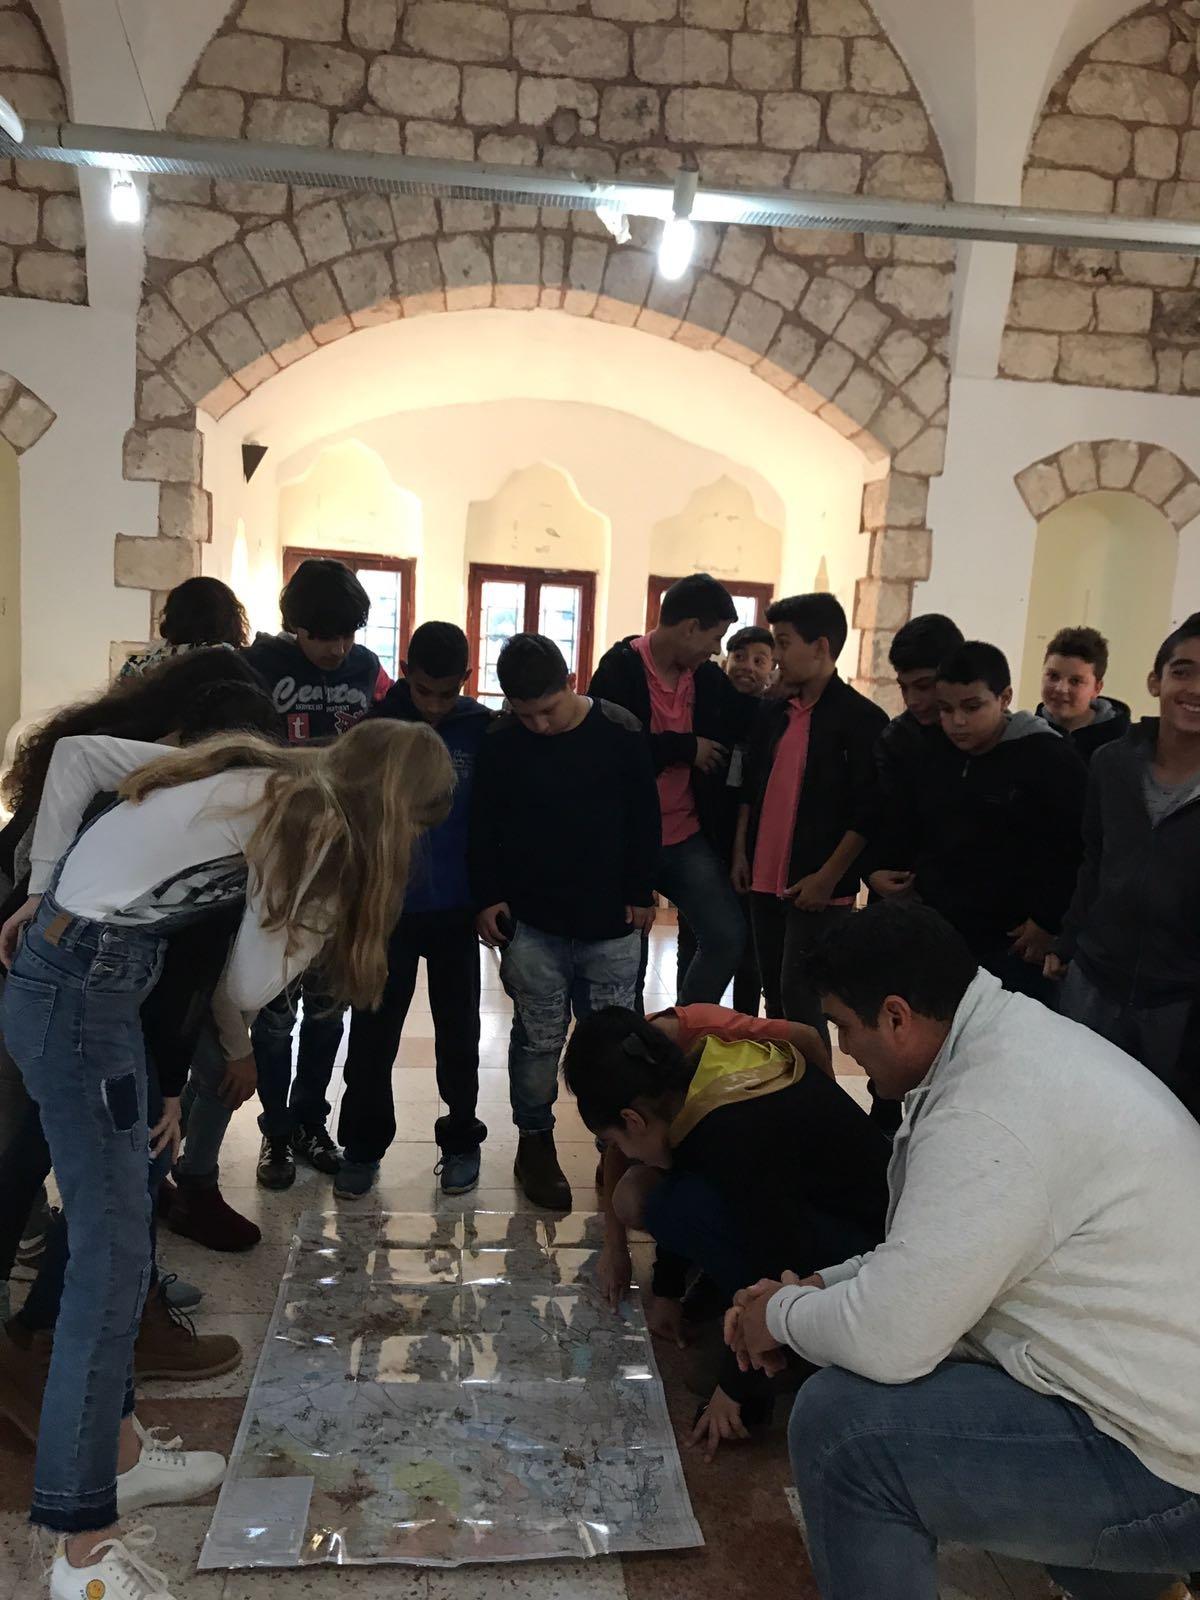 إنطلاقة ناجحة وقويَّة لدورات الجوّالة التّابعة لجمعيَّة حماية الطَّبيعة في المُجتمع العربيّ-38